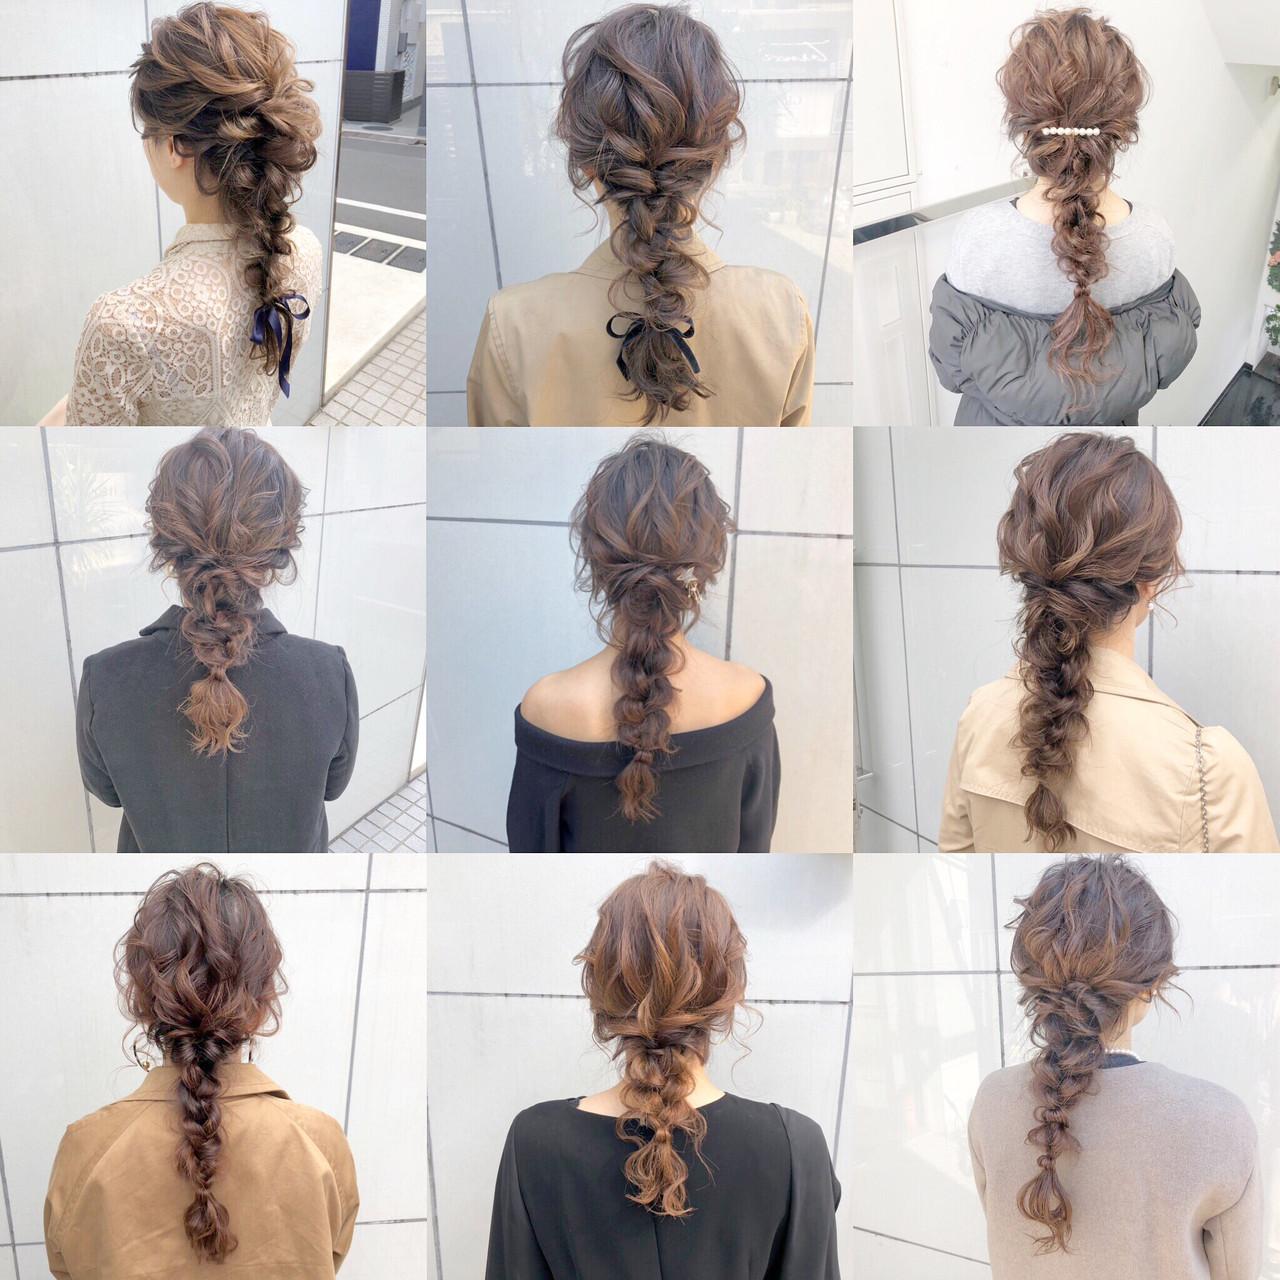 セミロング 結婚式 ナチュラル 簡単ヘアアレンジ ヘアスタイルや髪型の写真・画像